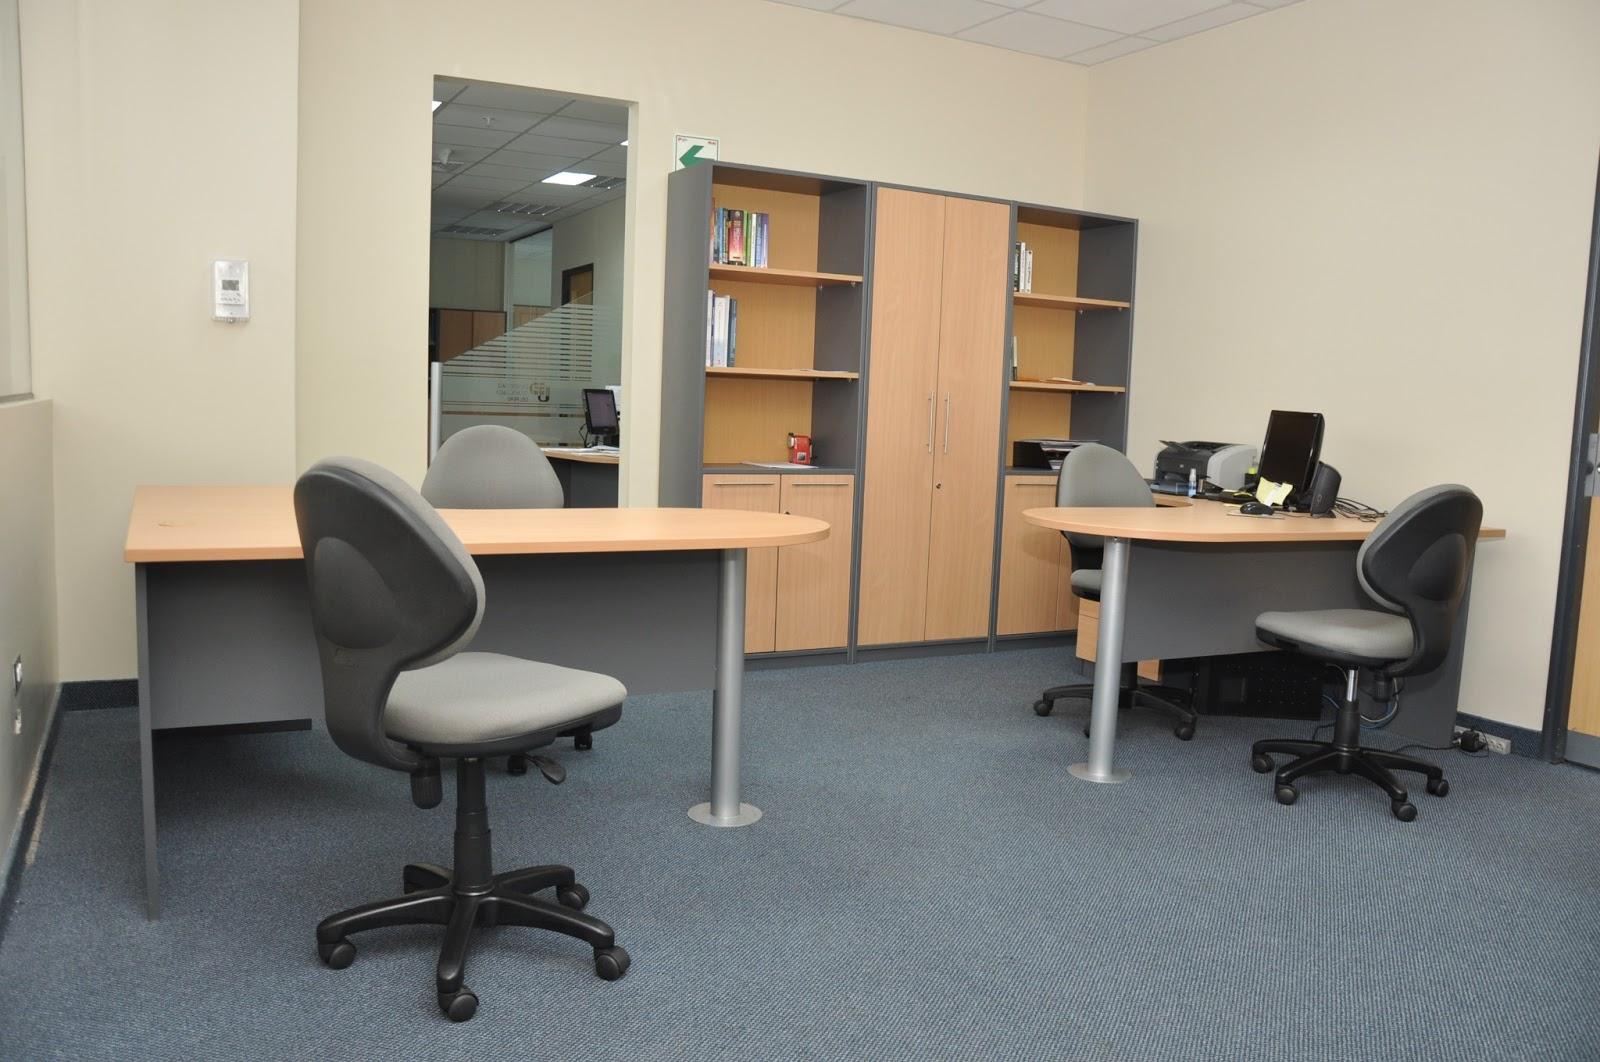 Oniria mobiliario institucional oficinas administrativas for Planos de oficinas administrativas